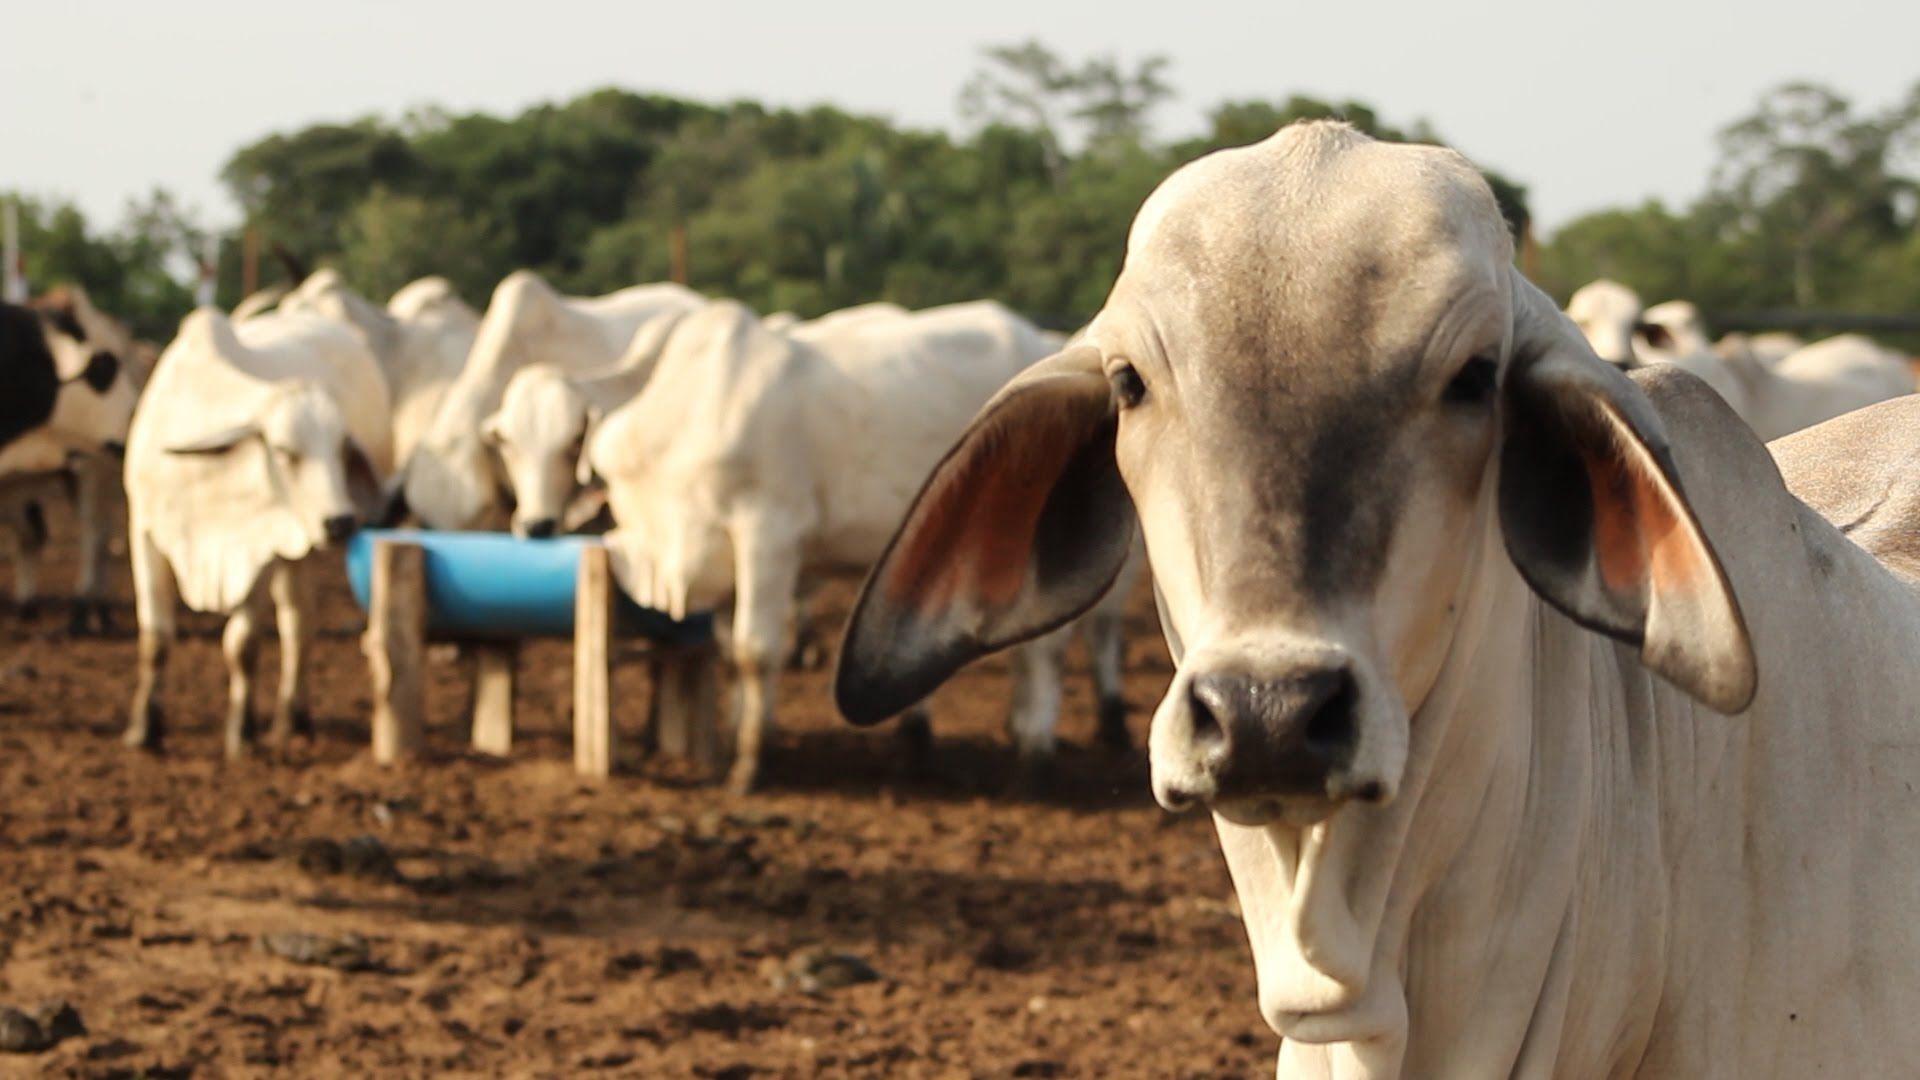 DESDE LA CÁMARA ALERTAN SOBRE POSIBLE CRISIS SANITARIA EN SAN VICENTE DEL CAGUÁN… 900 mil cabezas de ganado estarían en riesgo